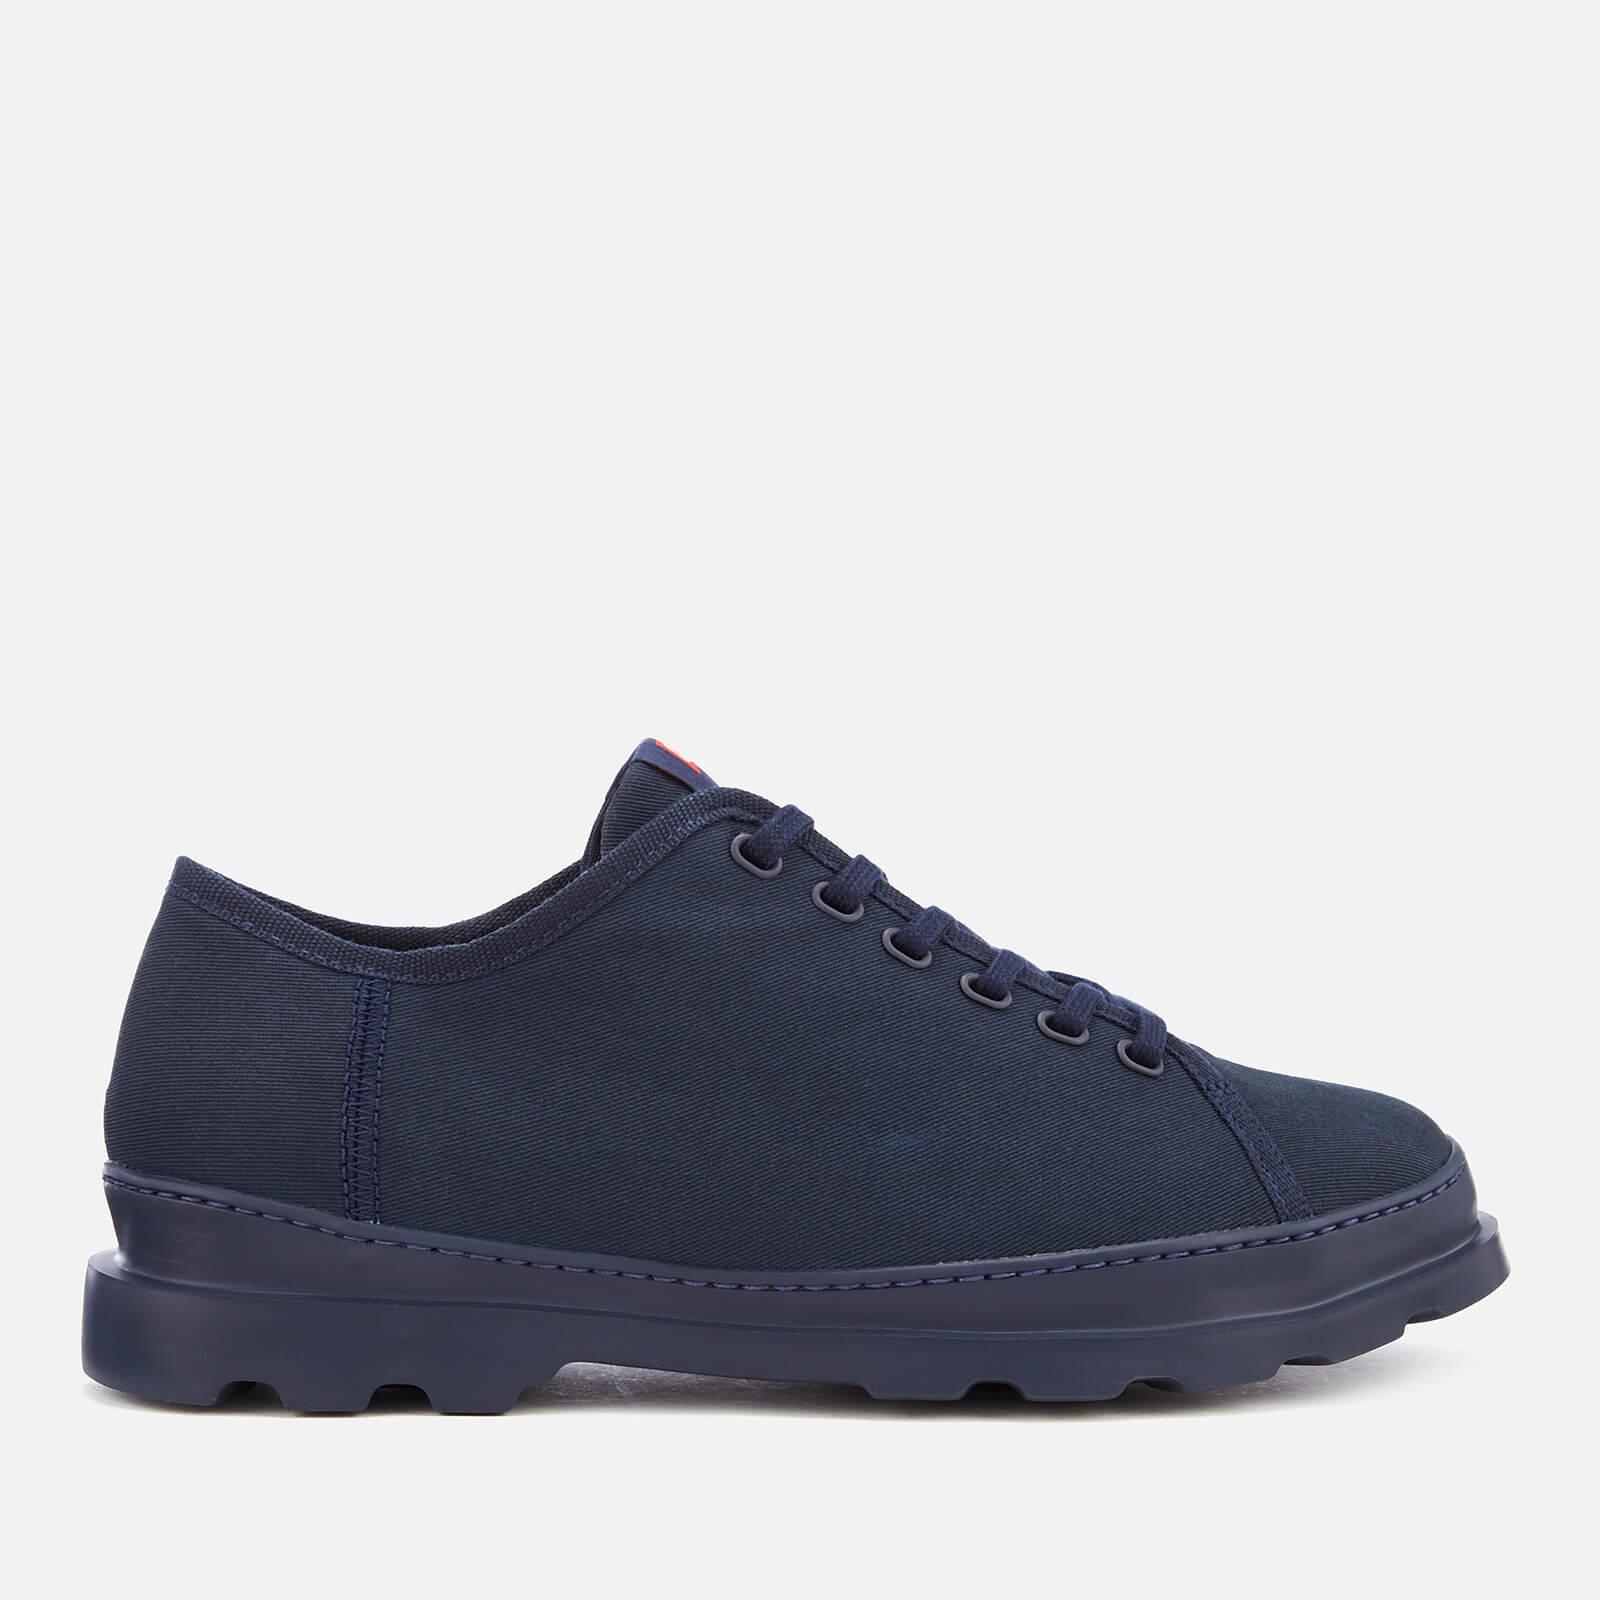 Camper Men's Brutus Canvas Shoes - Navy - UK 10 - Blue